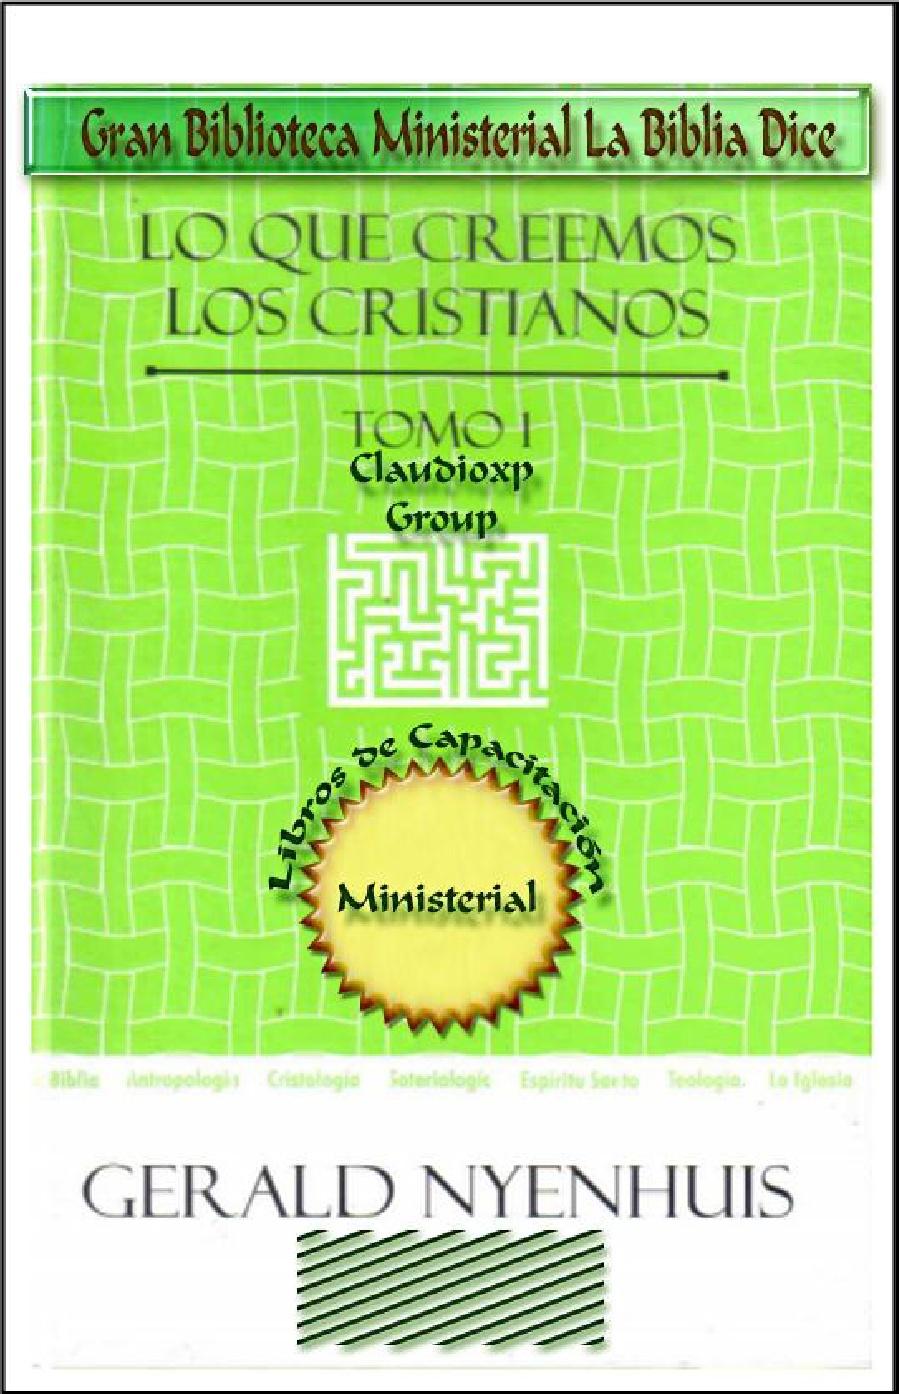 Gerald Nyenhuis-Lo Que Creemos Los Cristianos-Tomo 1-